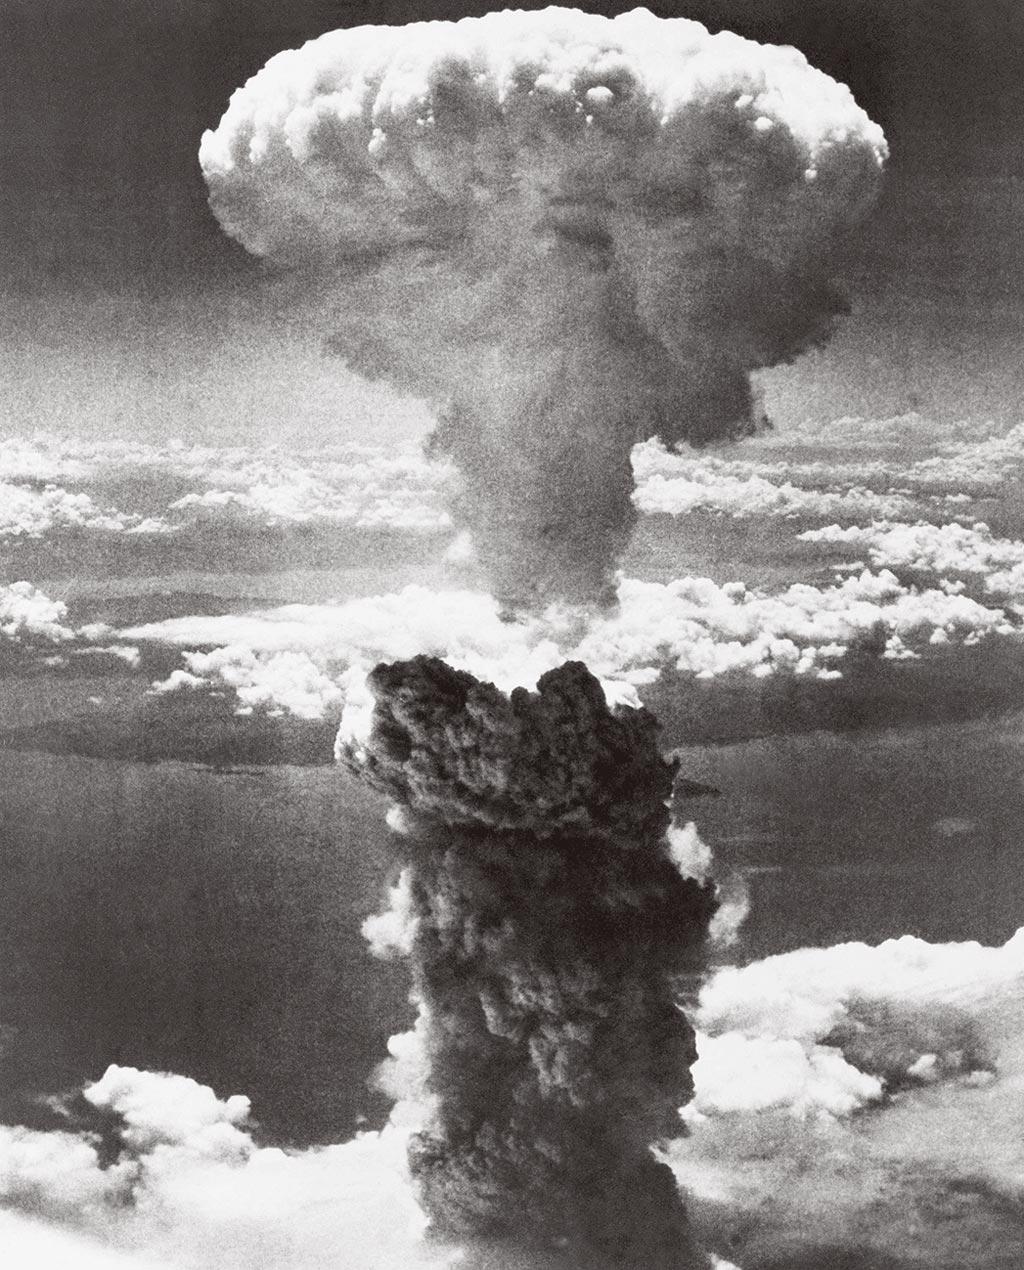 1945年8月9日,史上第二枚用於戰爭的原子彈在日本長崎爆炸後,巨大的蘑菇雲直衝雲霄。(美聯社)